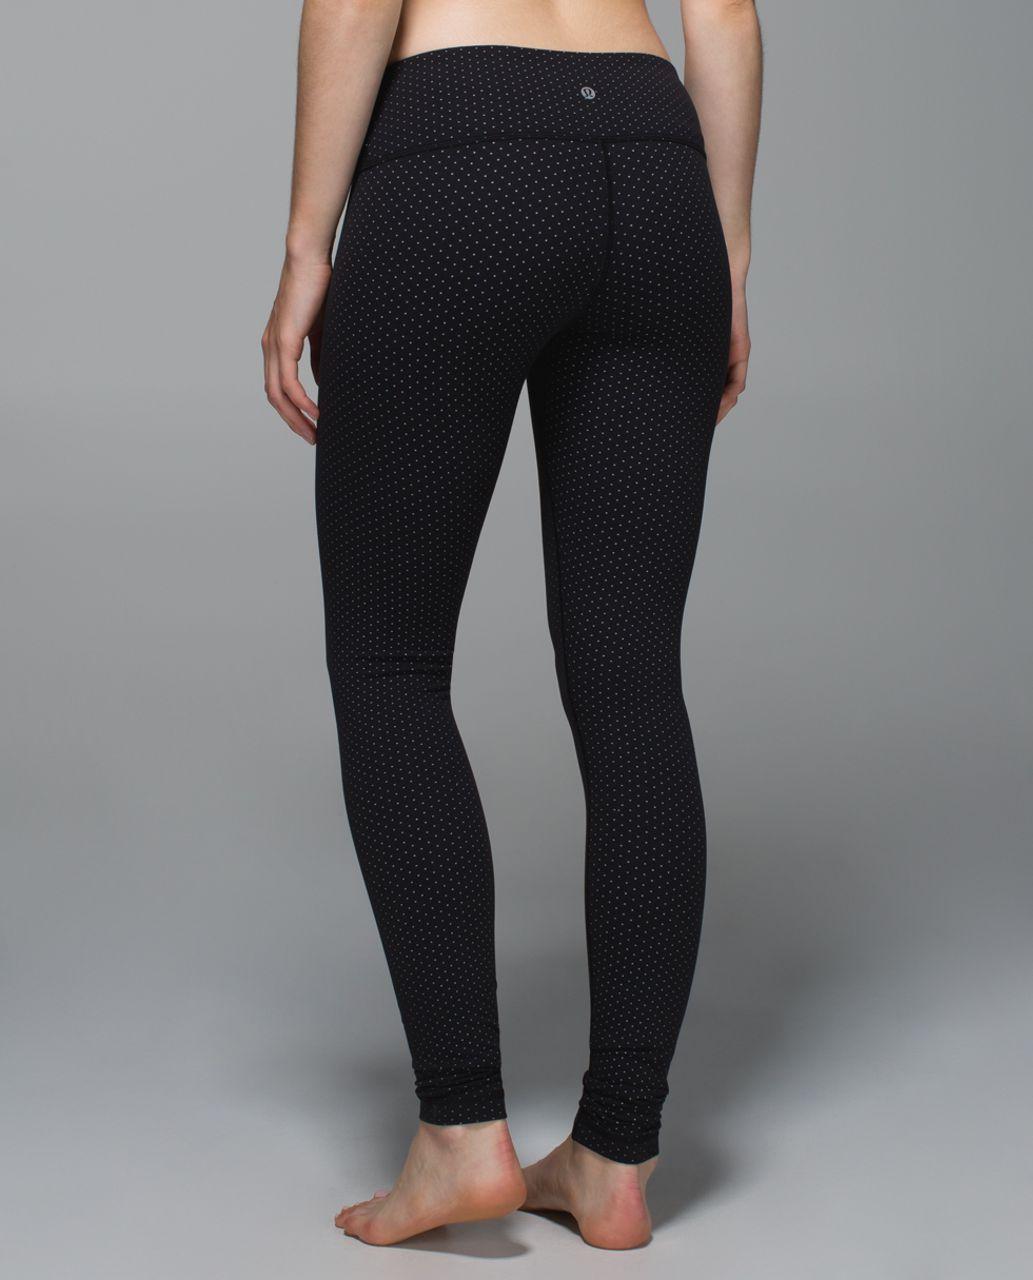 Lululemon Wunder Under Pant *Full-On Luon - Teeny Dot Black White